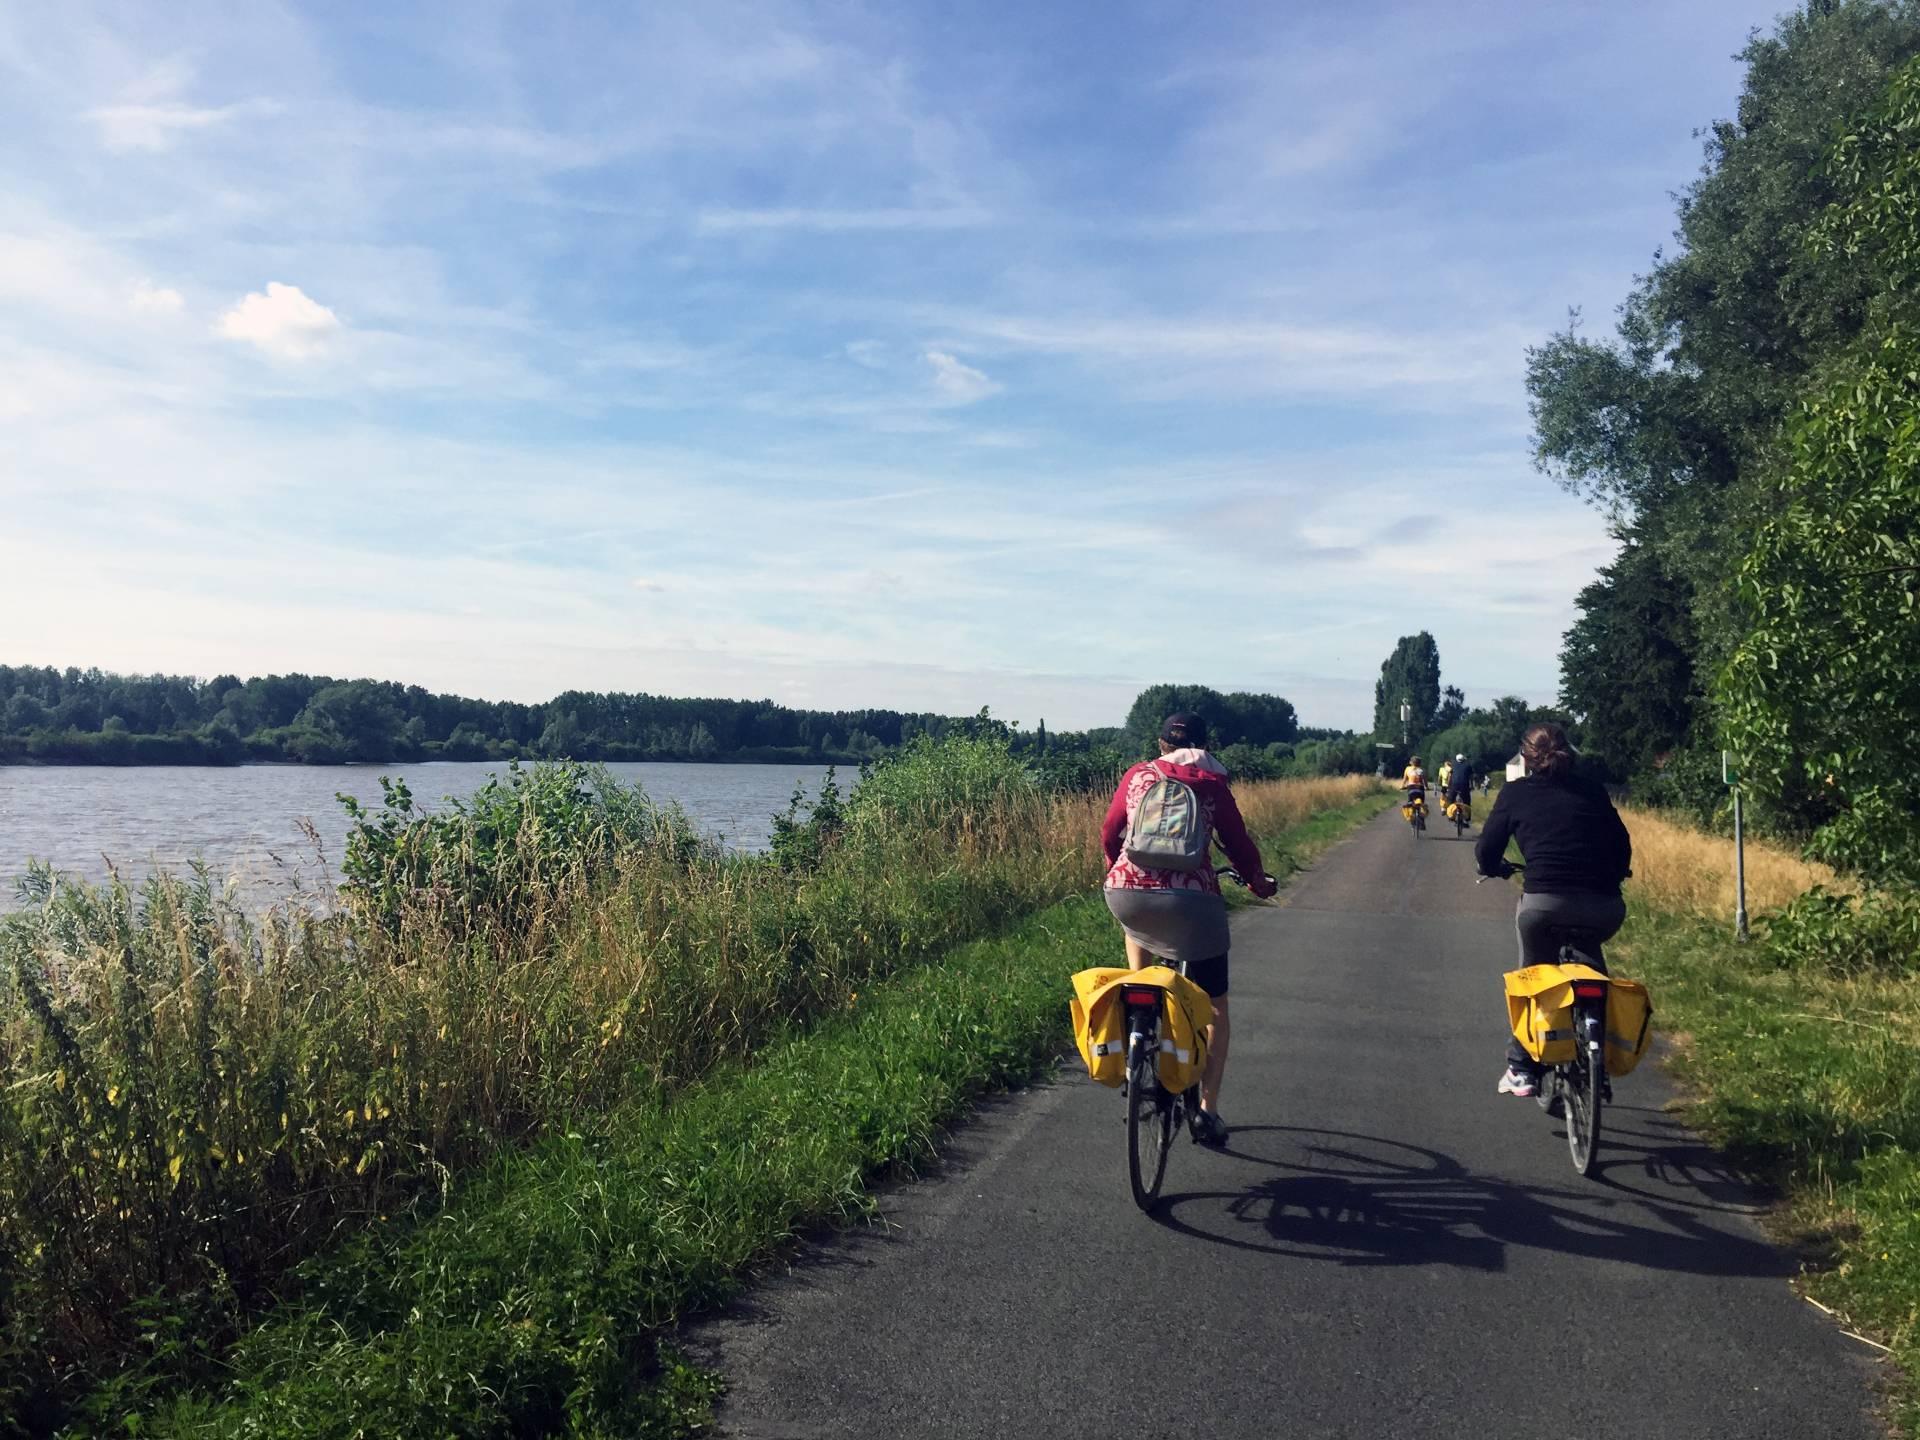 Cicloturismo - Viajar en Bicicleta por Europa